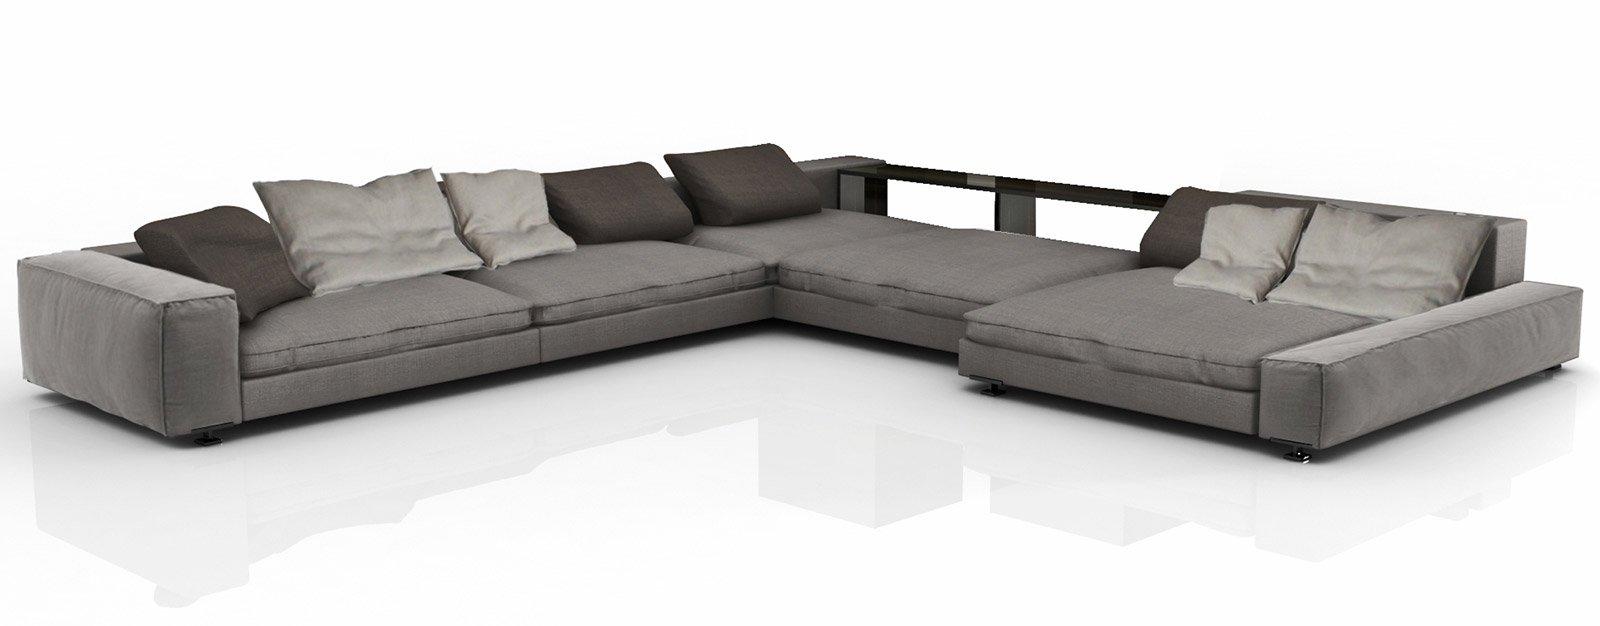 Salone del Mobile 2015: divani, vere isole di relax - Cose di Casa